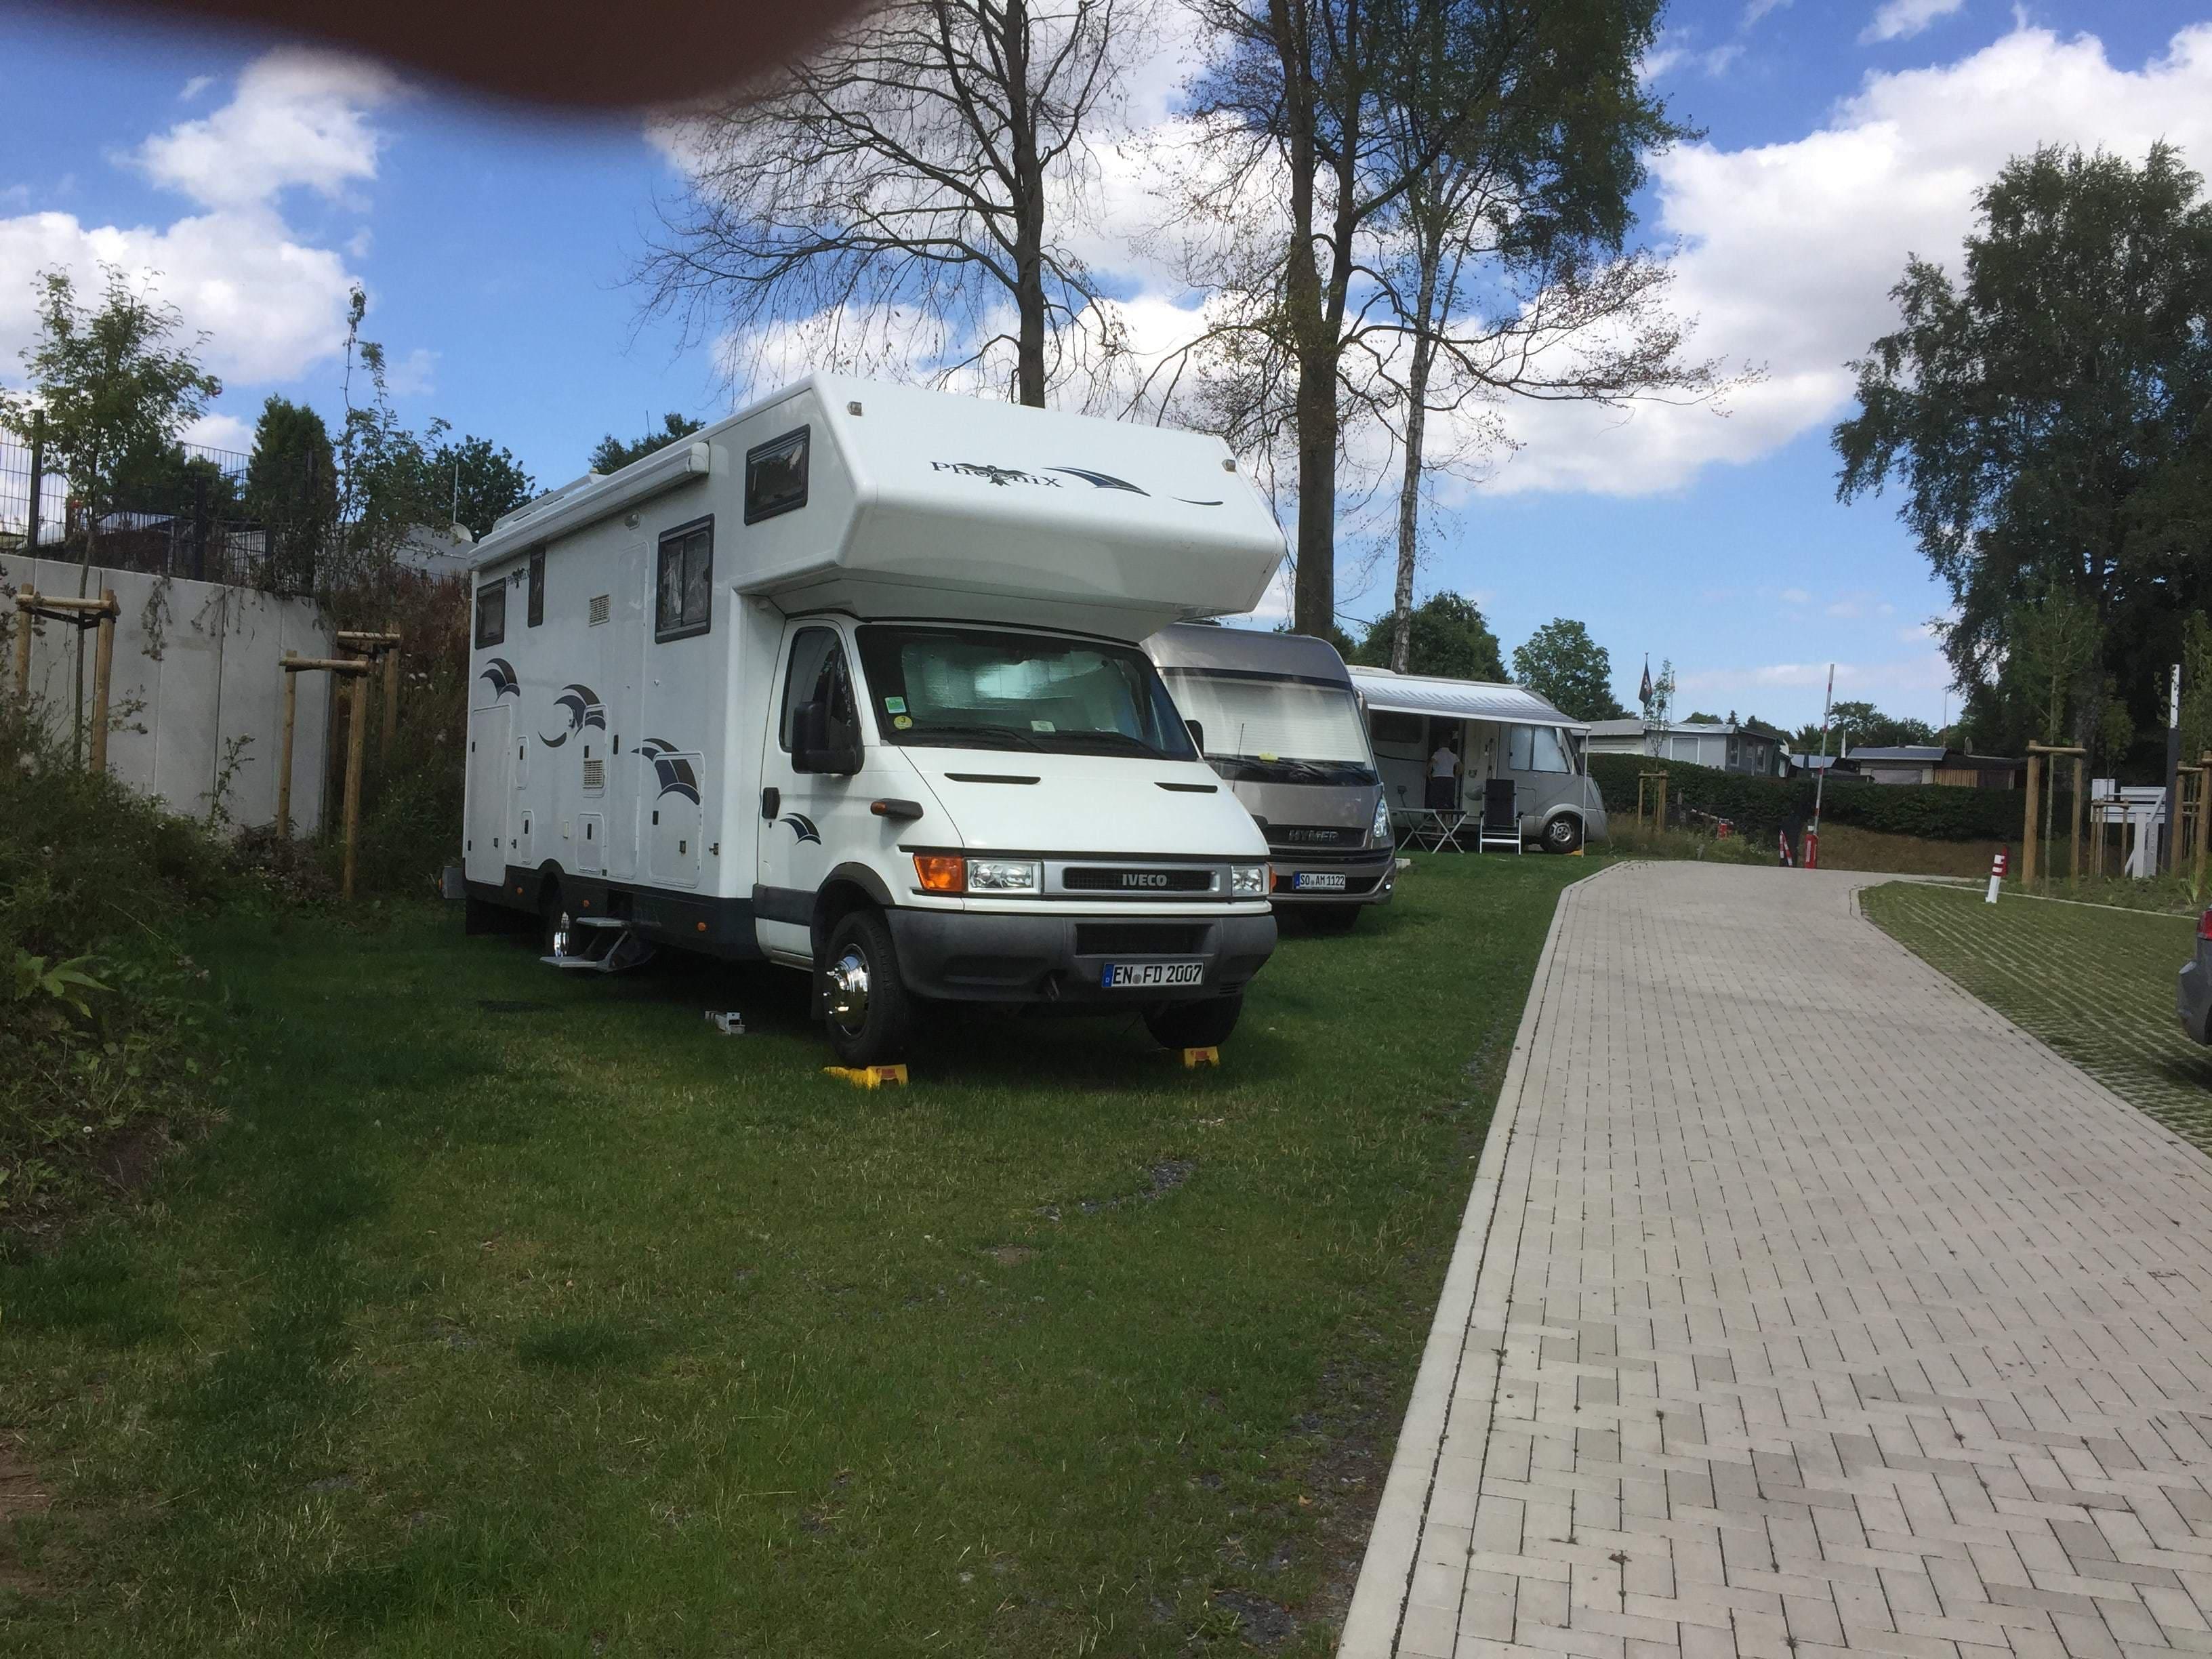 ADAC-Campingplatz-Wohnmobilstellplatz